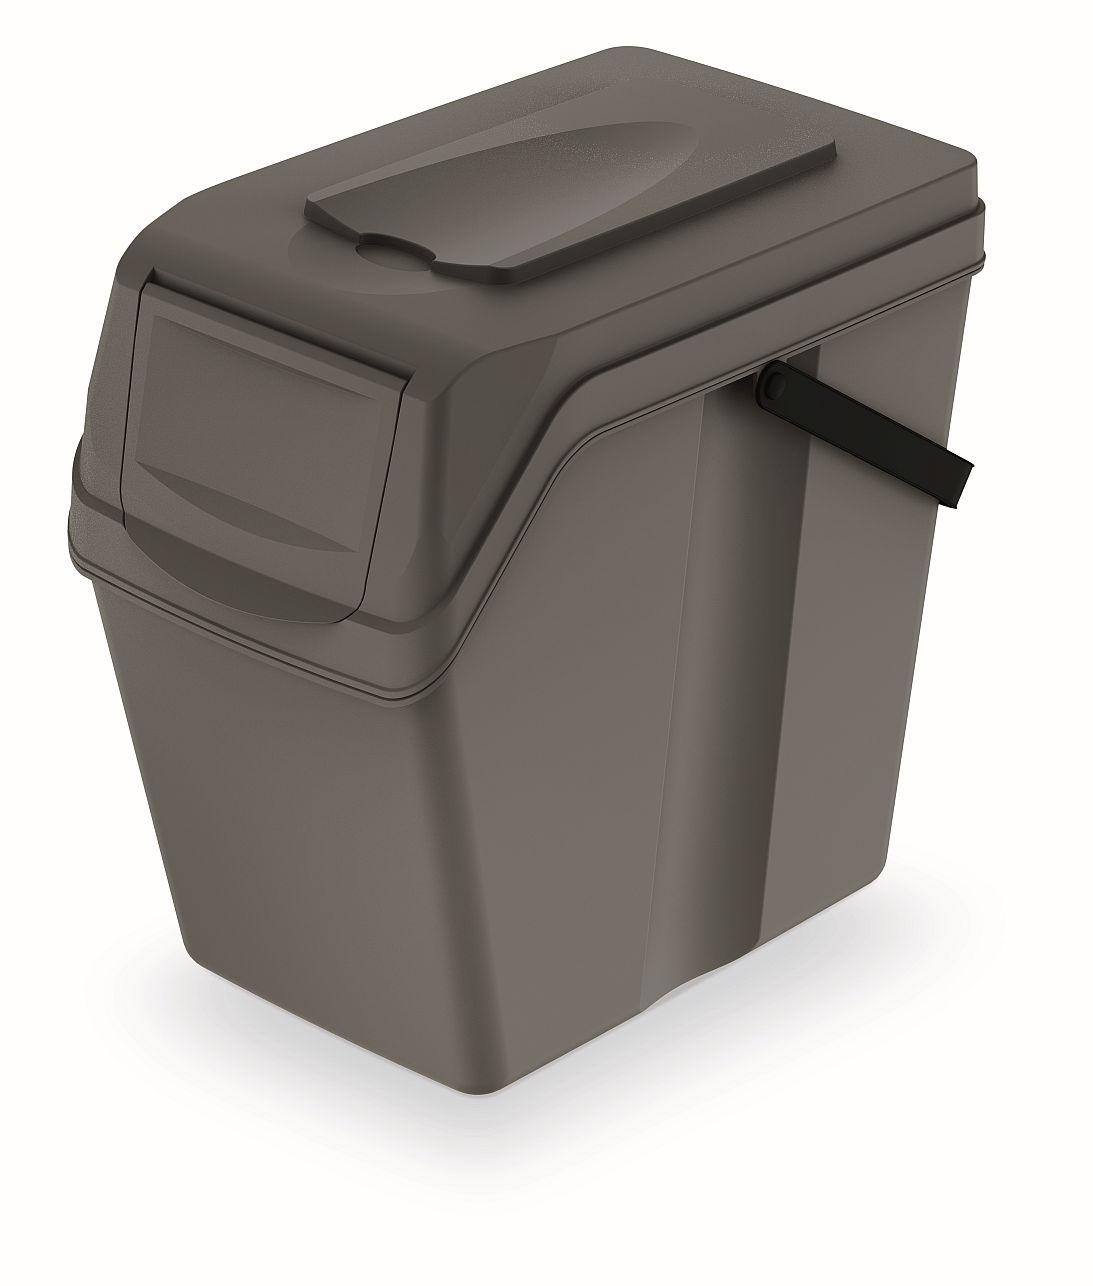 PROSPERPLAST Odpadkový koš SORTIBOX II šedý kámen, objem 25L